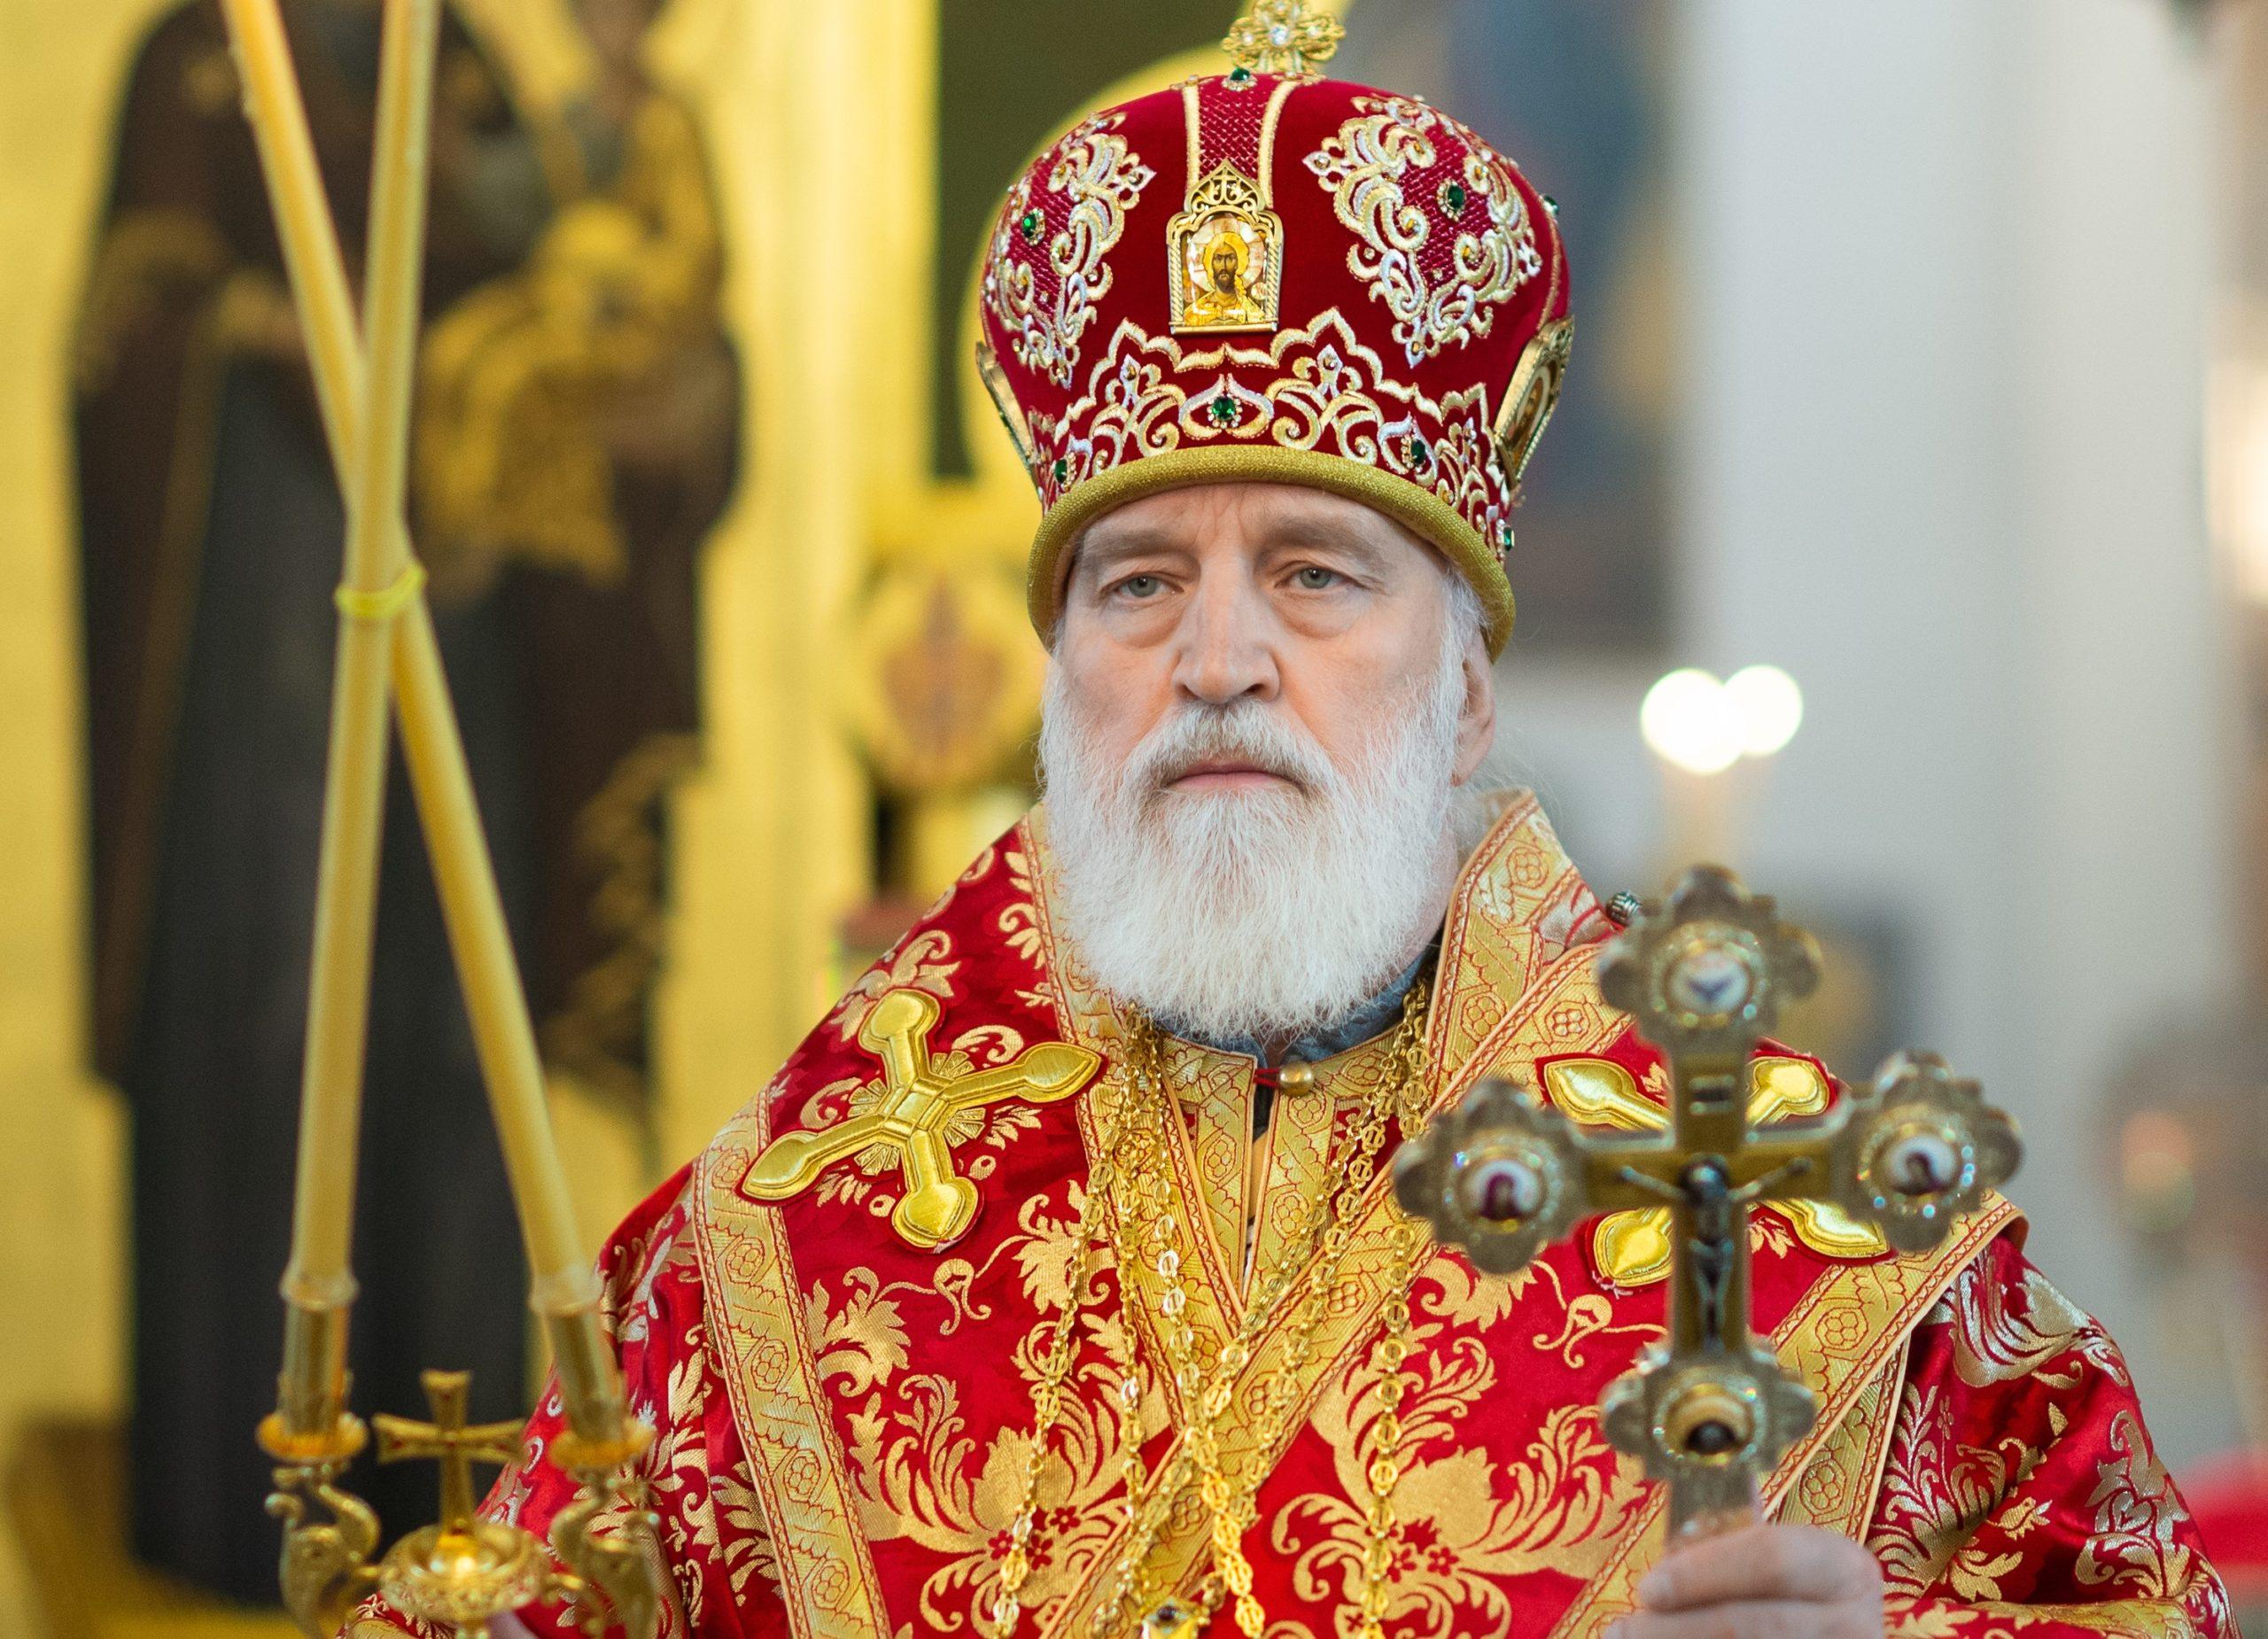 Пасхальное послание митрополита Крутицкого и Коломенского Павла, Патриаршего наместника Московской митрополии